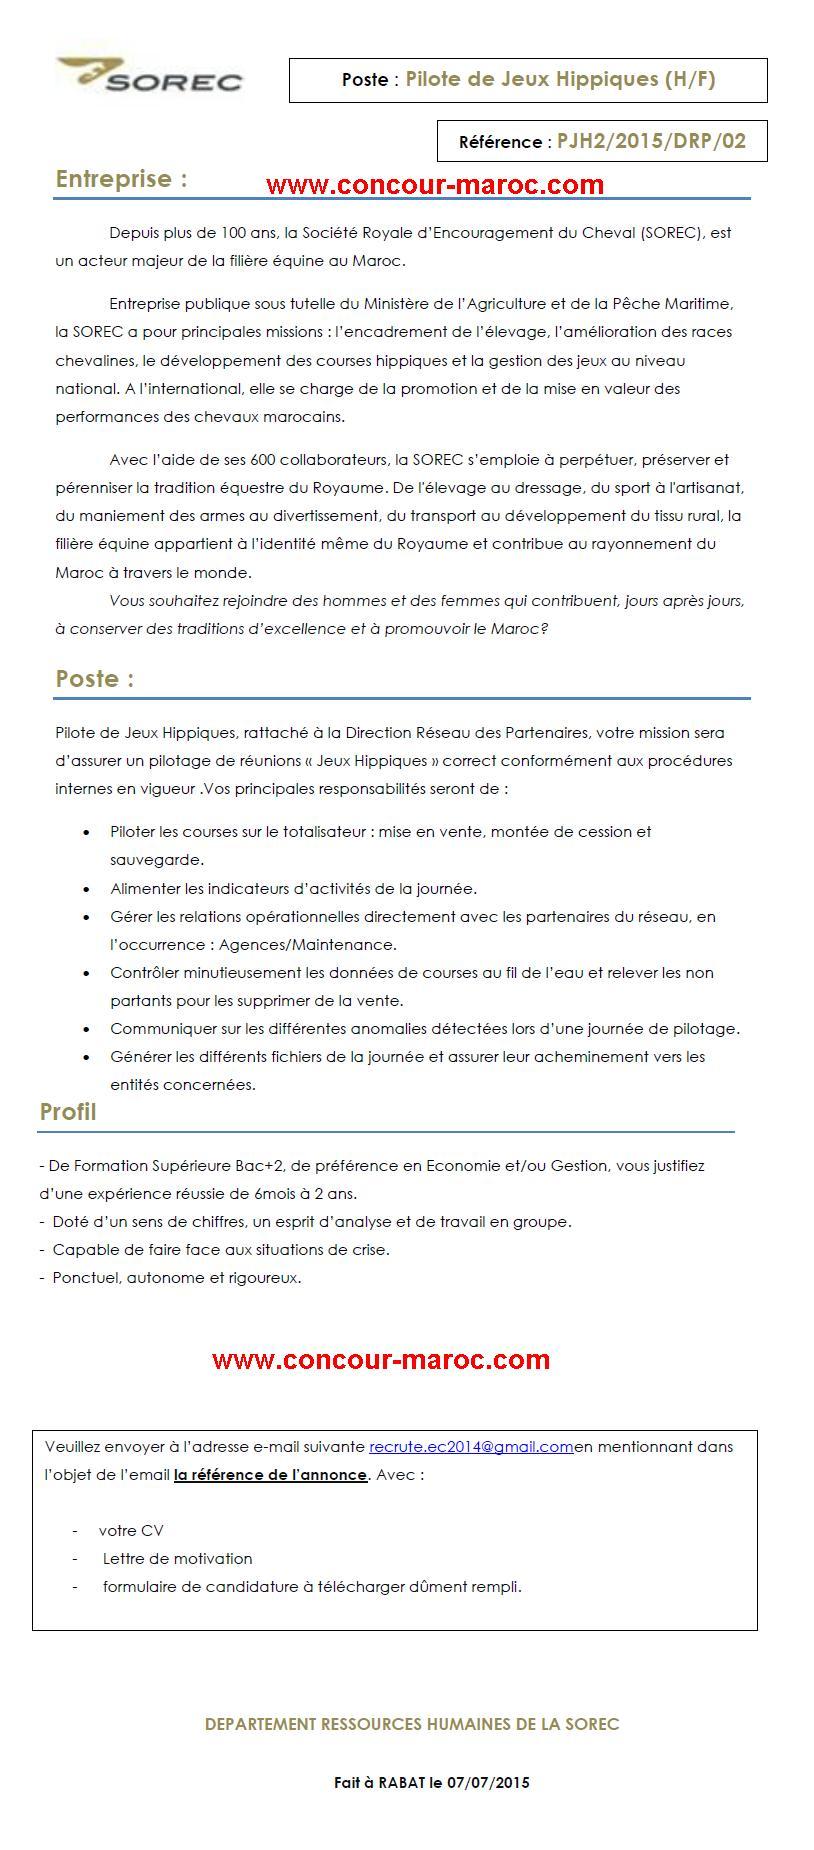 الشركة الملكية لتشجيع الفرس : مباراة لتوظيف تقني (1 منصب) آخر أجل لإيداع الترشيحات 30 يوليوز 2015 Concou69